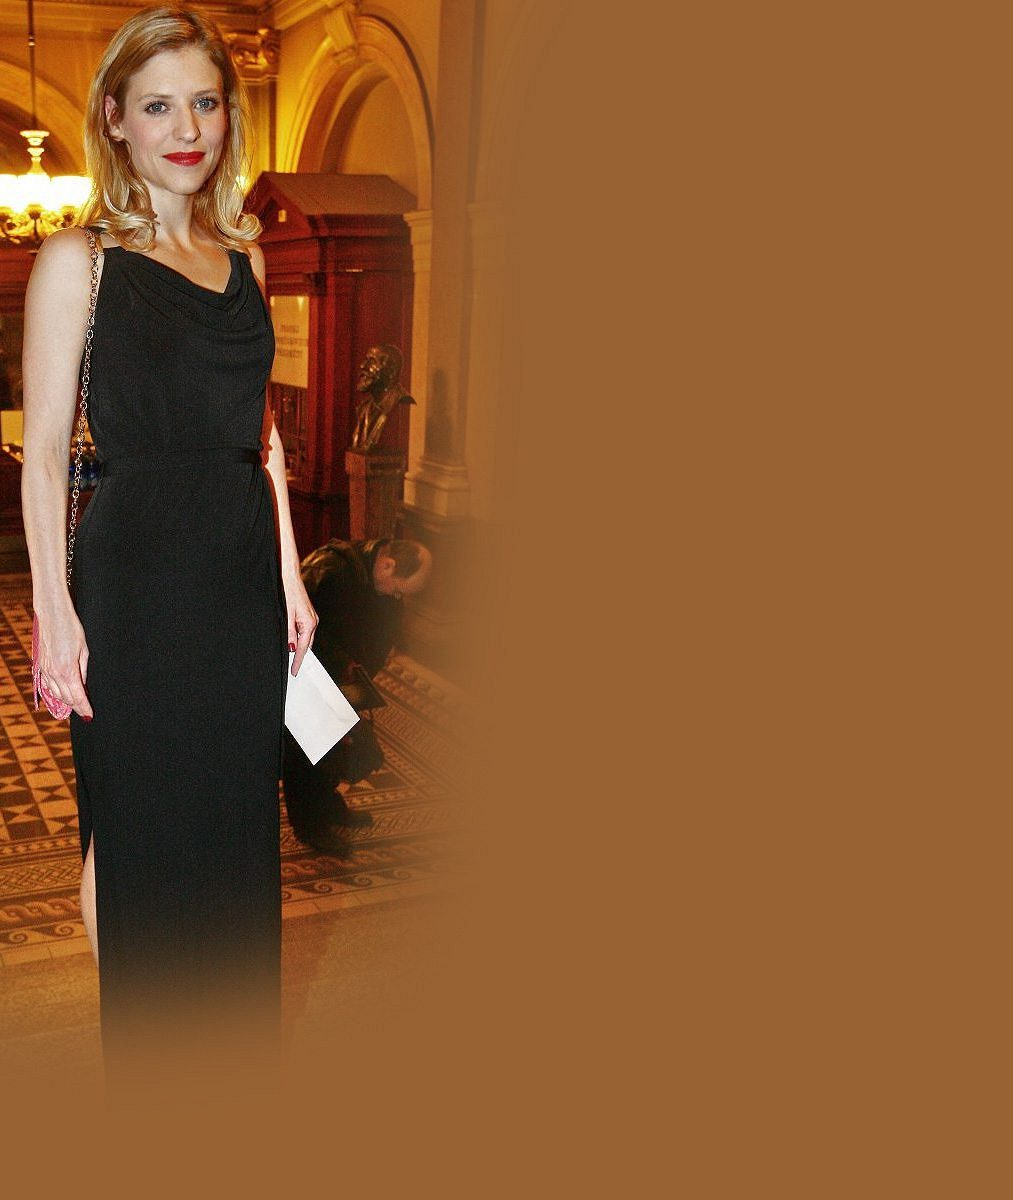 Jaruška z Báječných let pod psa jako modelka: Mrkněte, jak to krásné herečce seklo v šatech s rafinovaným výstřihem